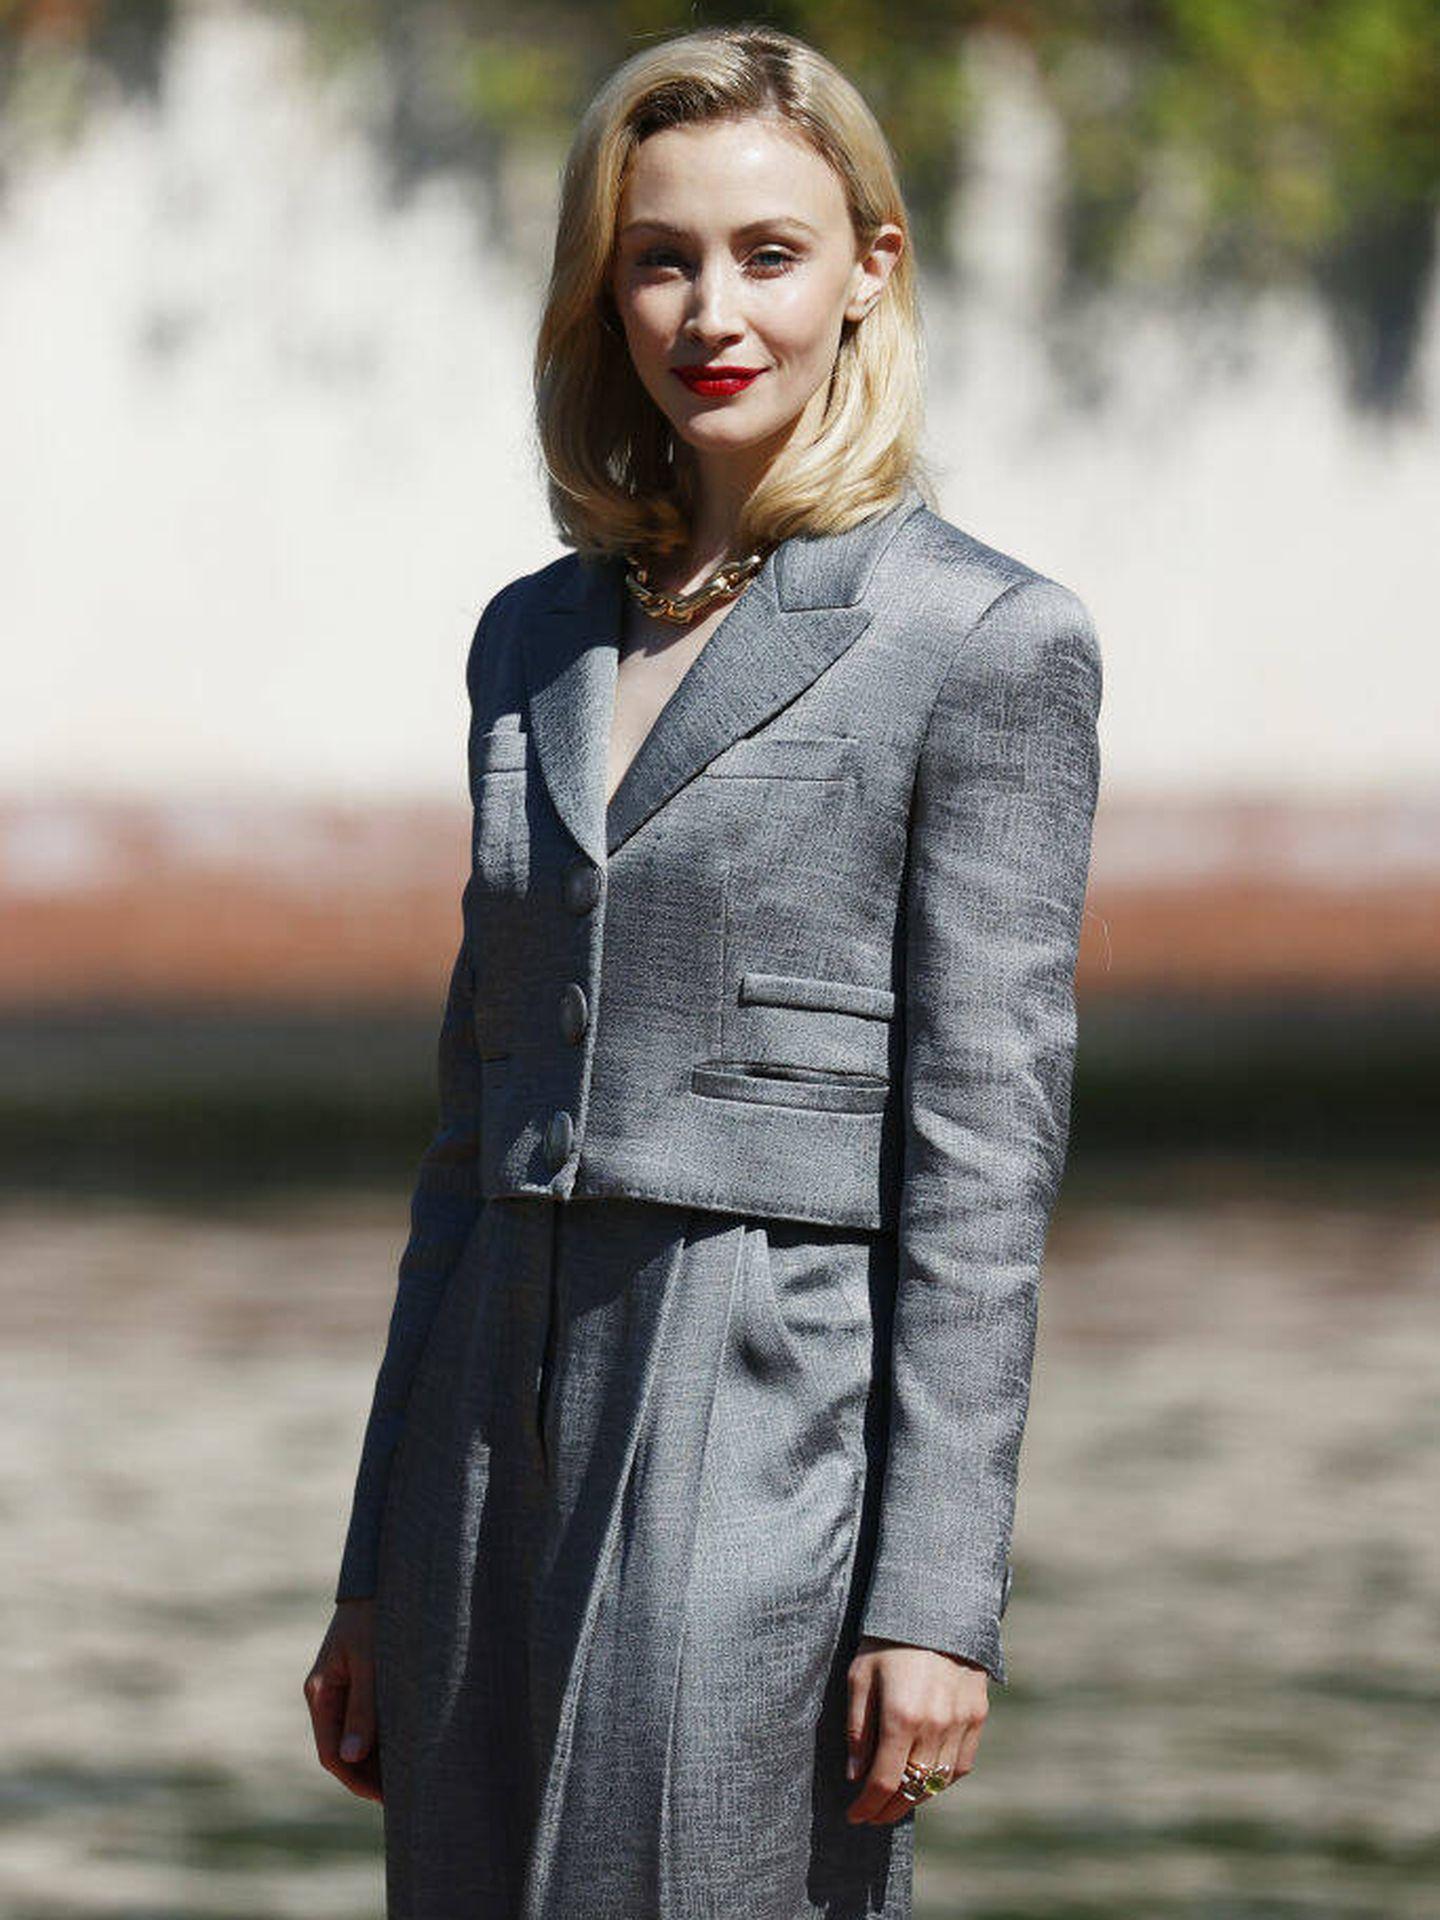 La actriz canadiense Sarah Gadon llega al Festival de Venecia. (Getty)